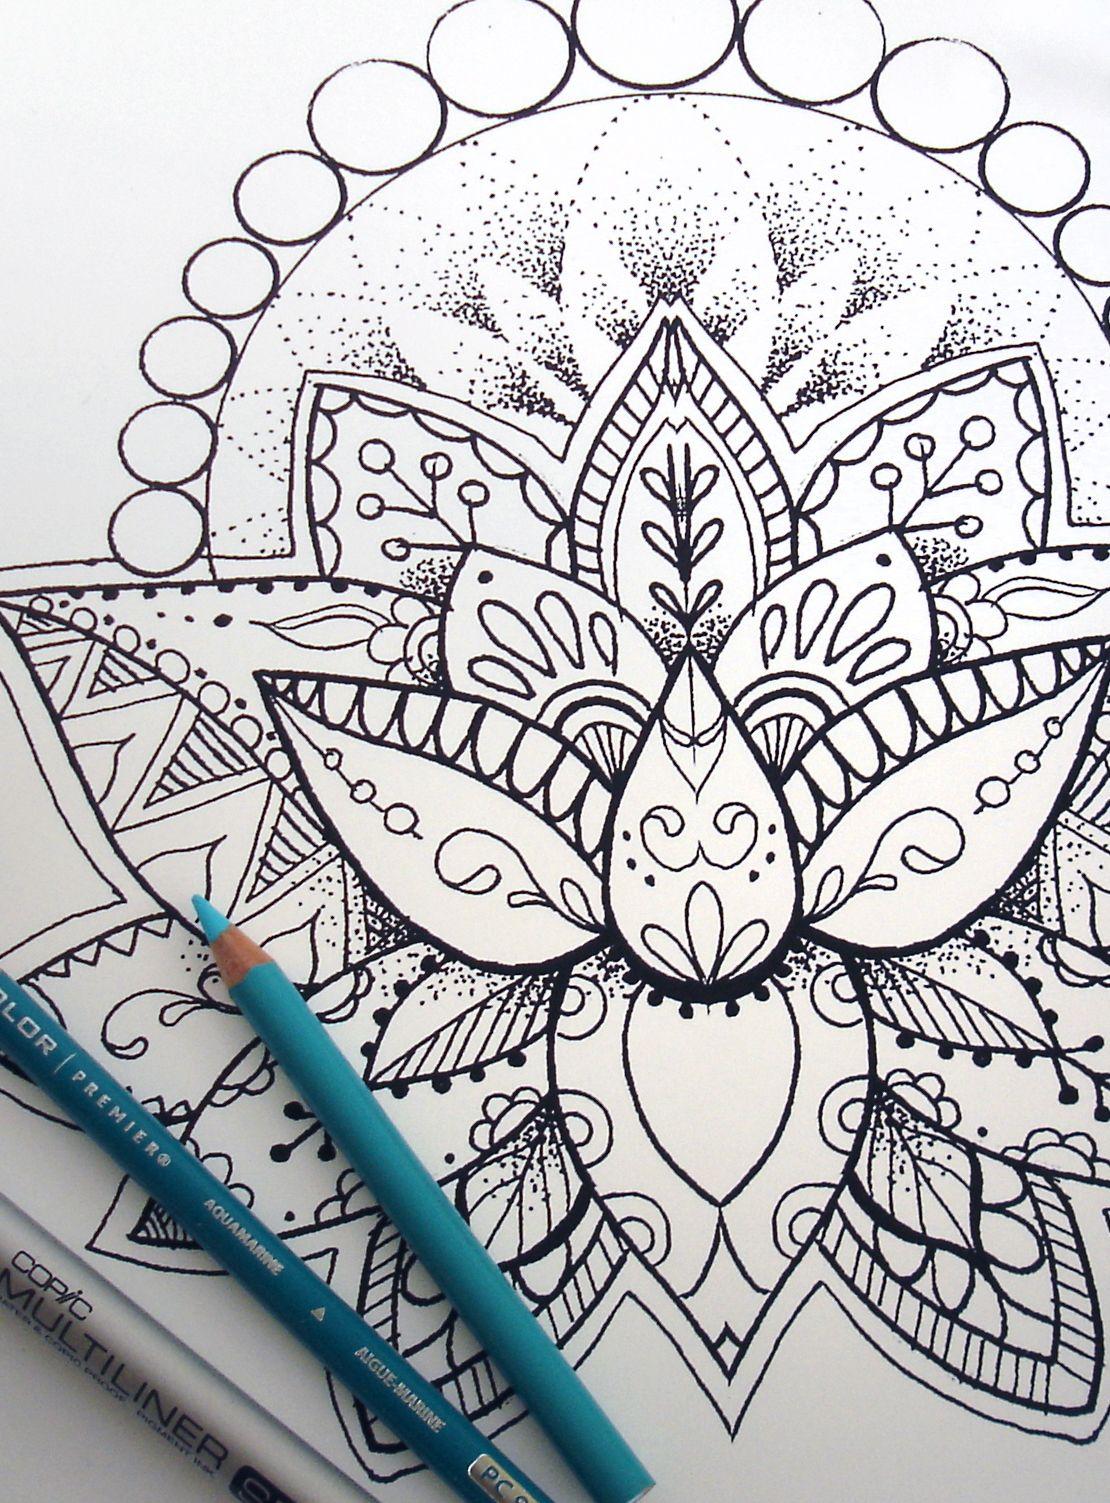 Pin On Art Sketchbook Ideas Creative Journals